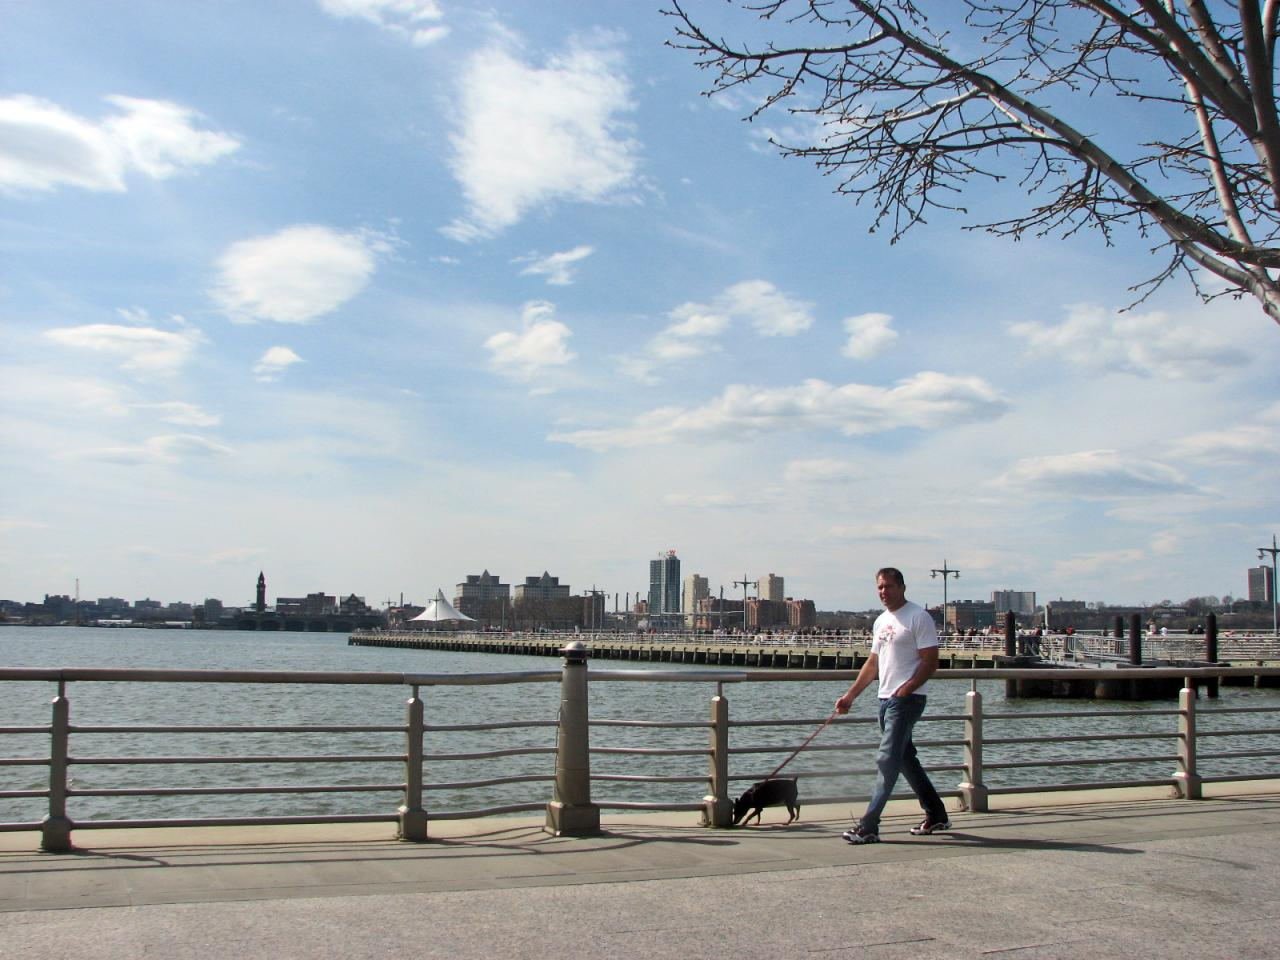 04.18.09 Hudson Park (2)